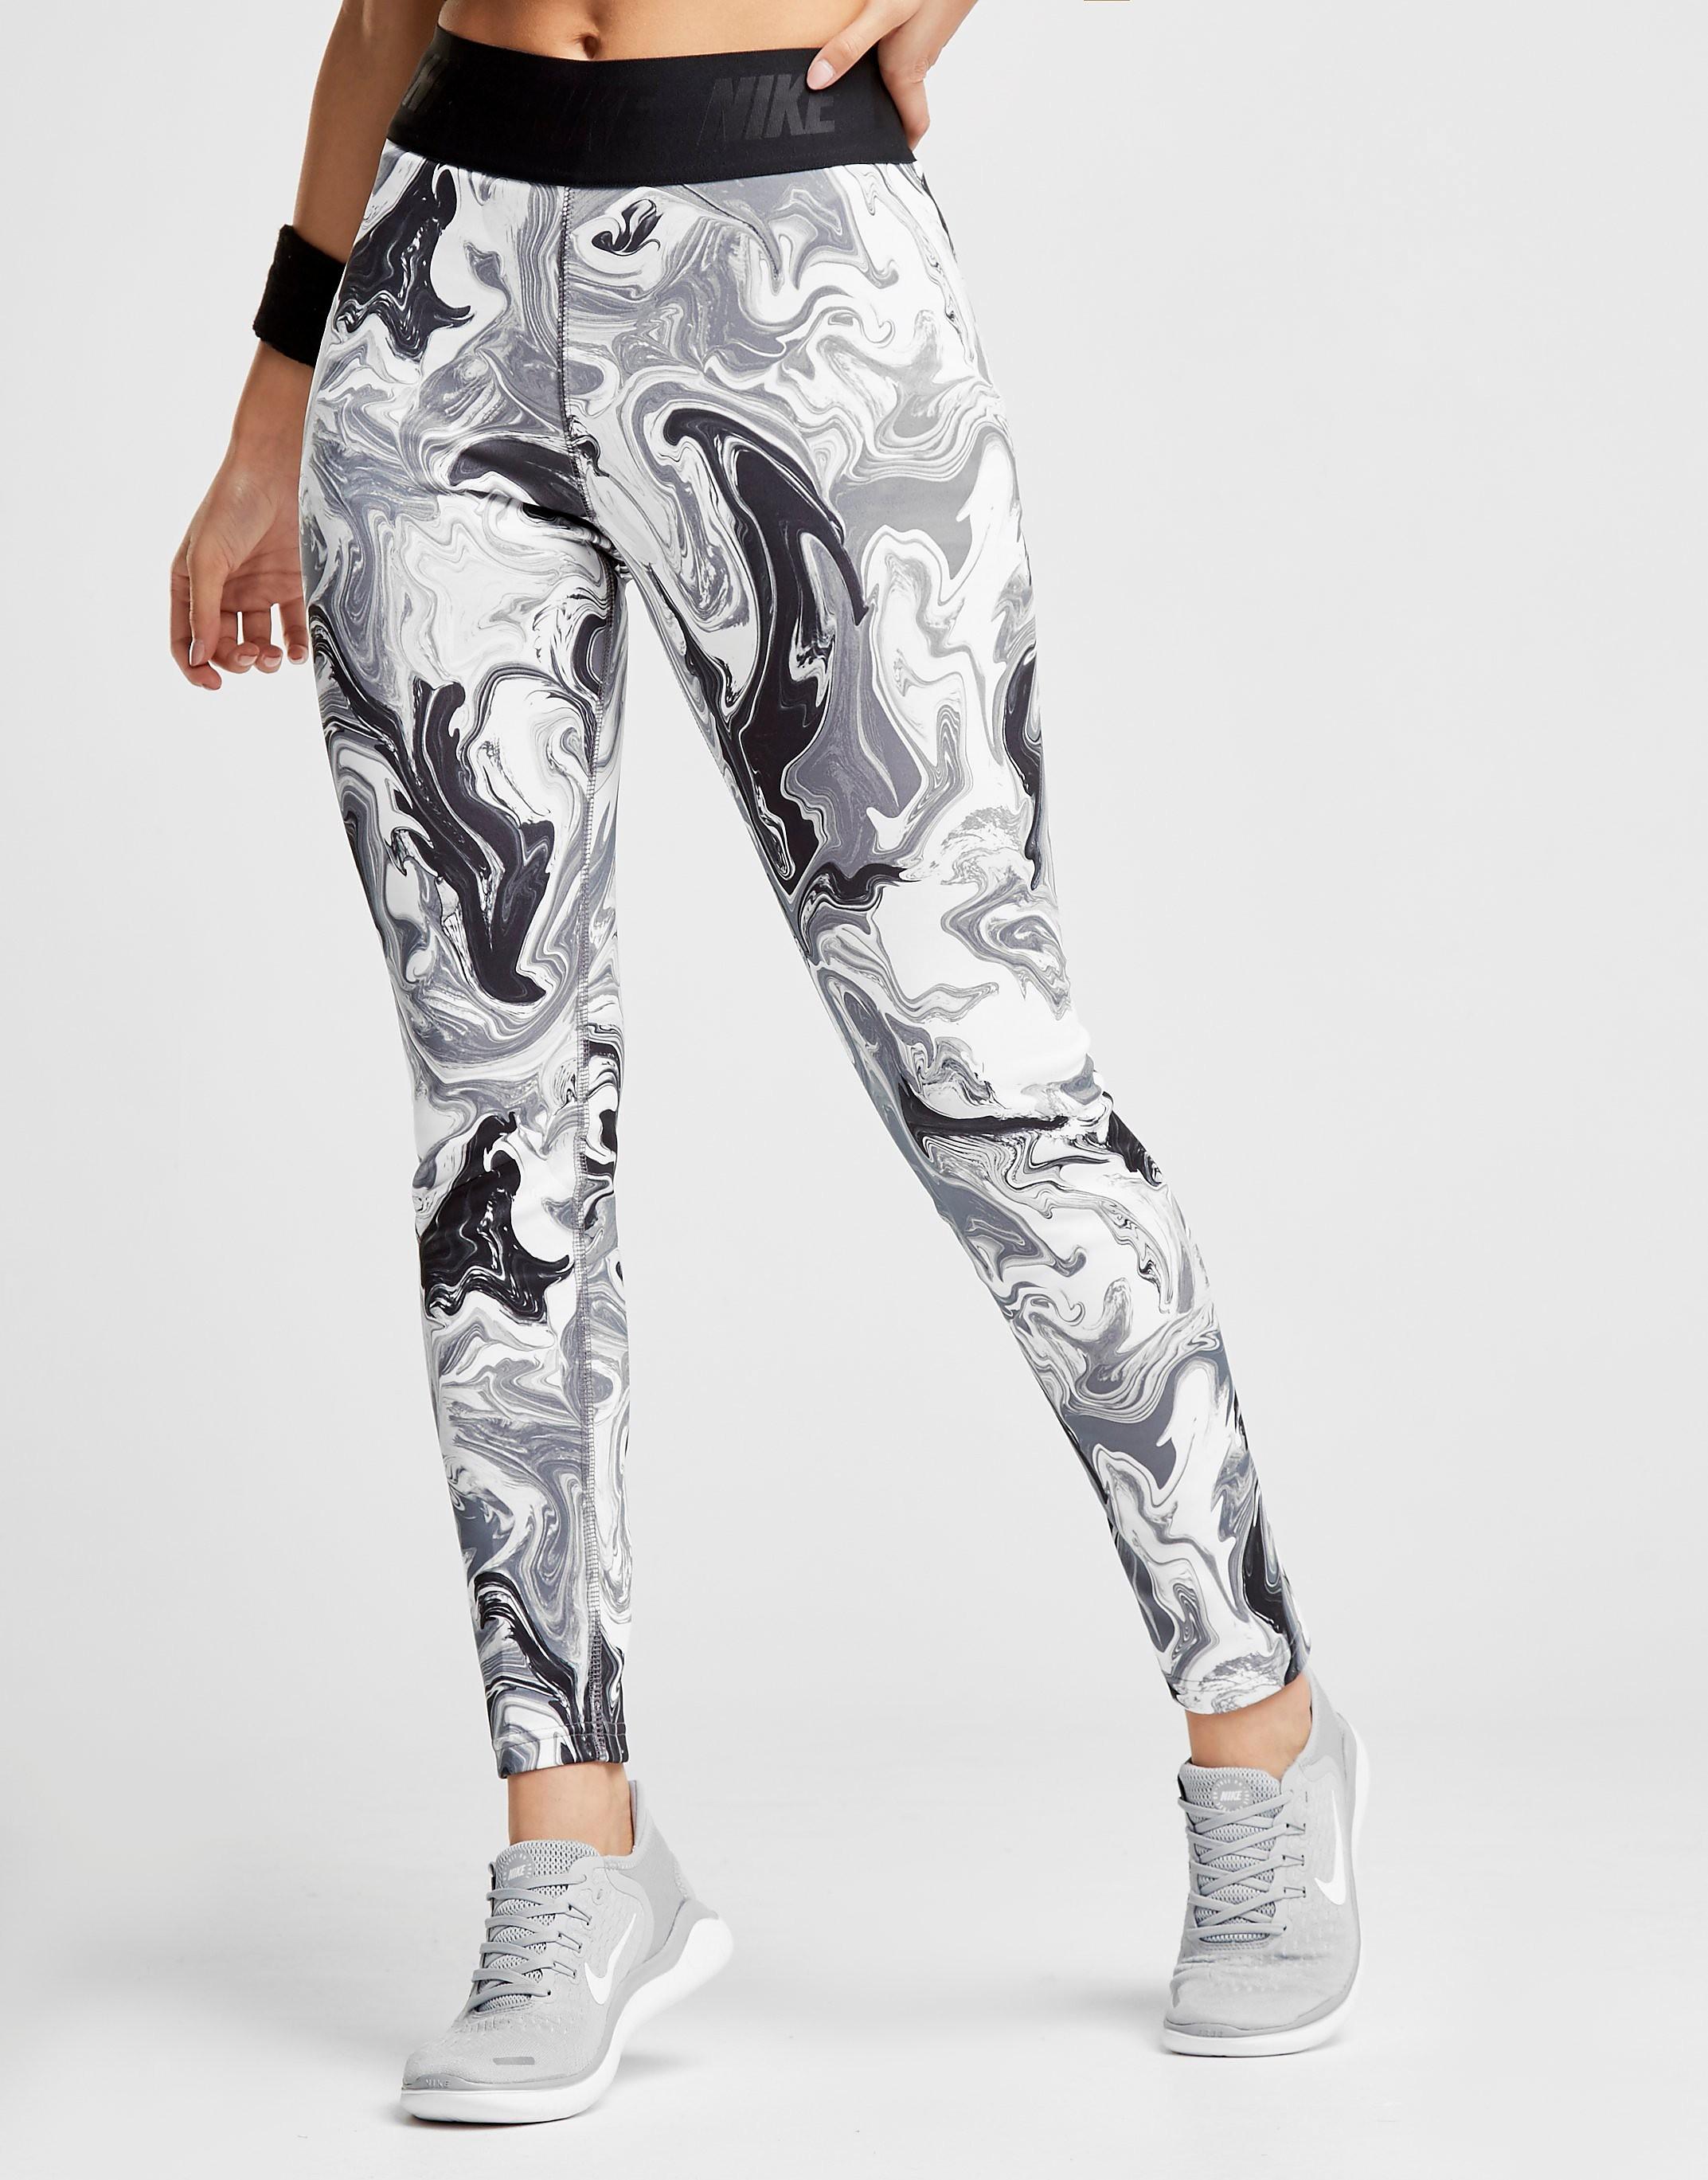 Nike Marble All Over Print Leggings